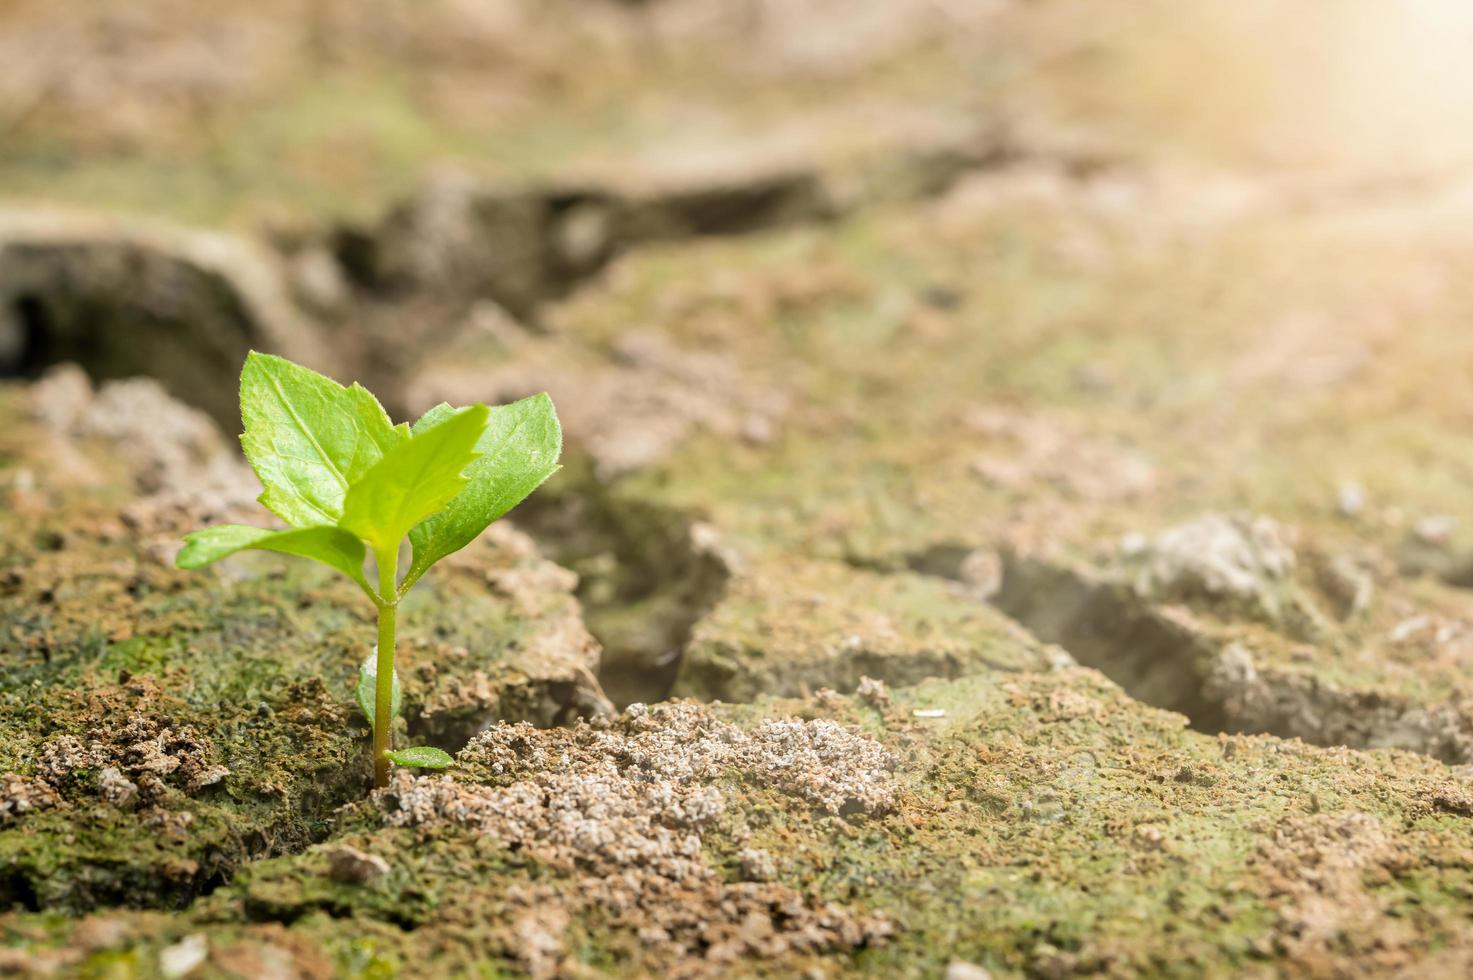 Ein einzelner Baum wächst aus trockenem Boden foto